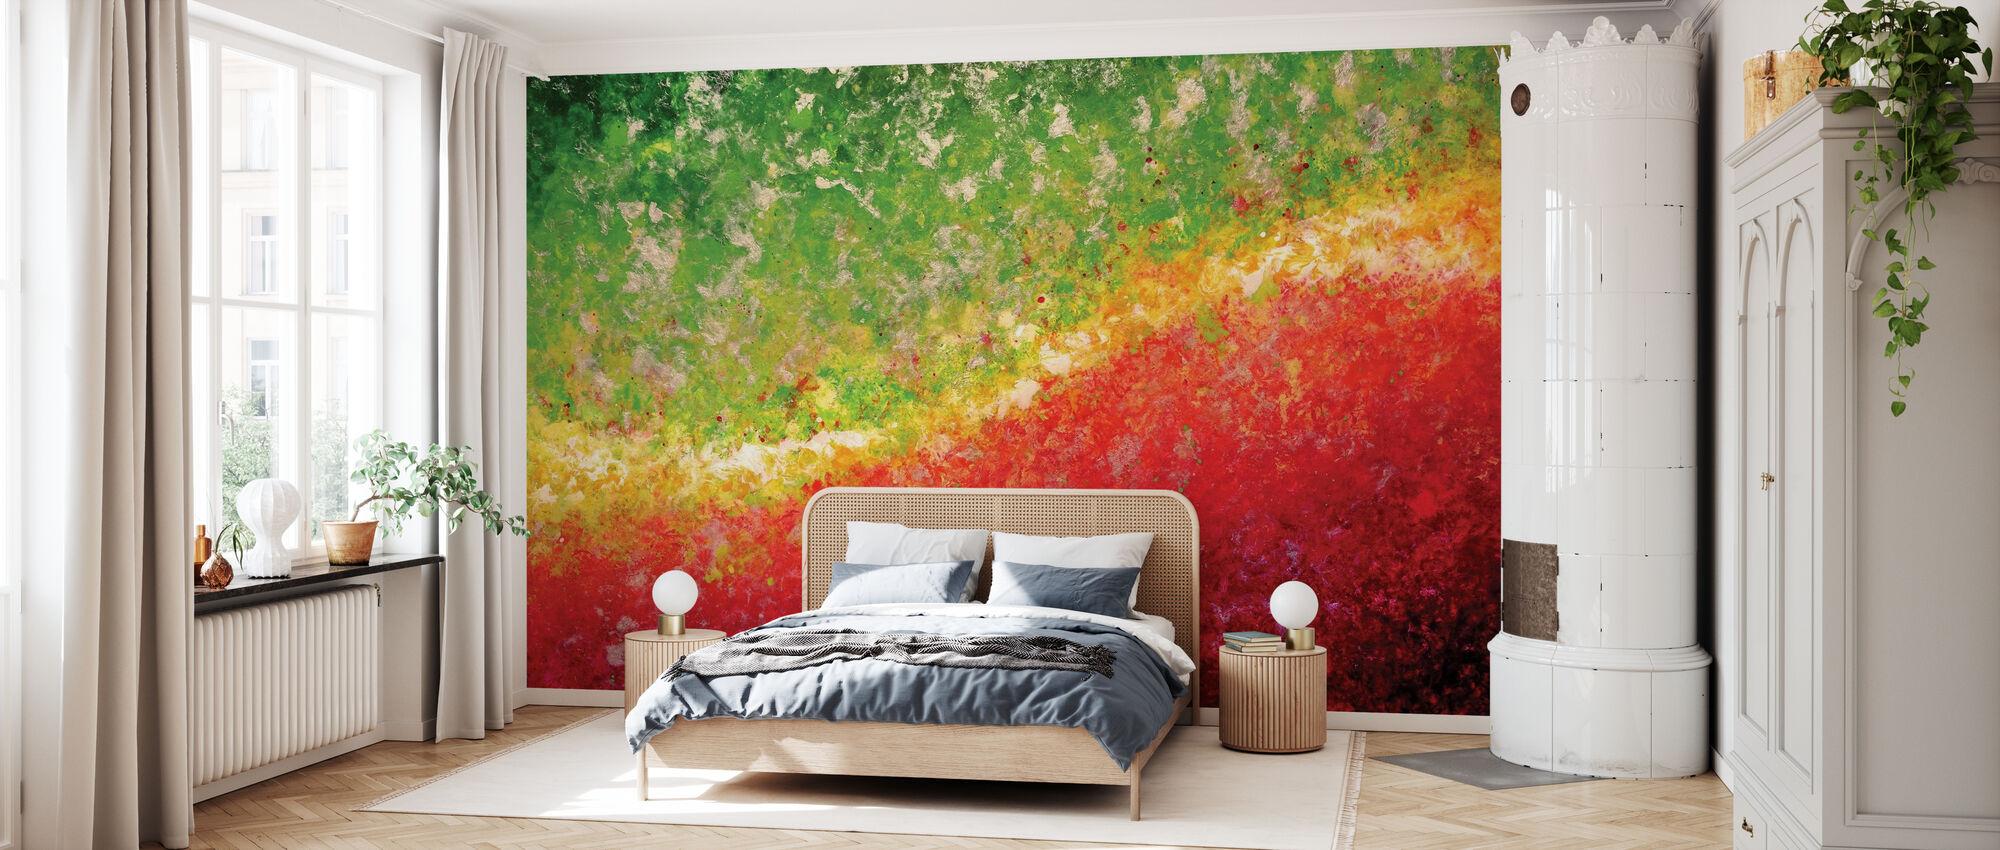 Equinox - Wallpaper - Bedroom